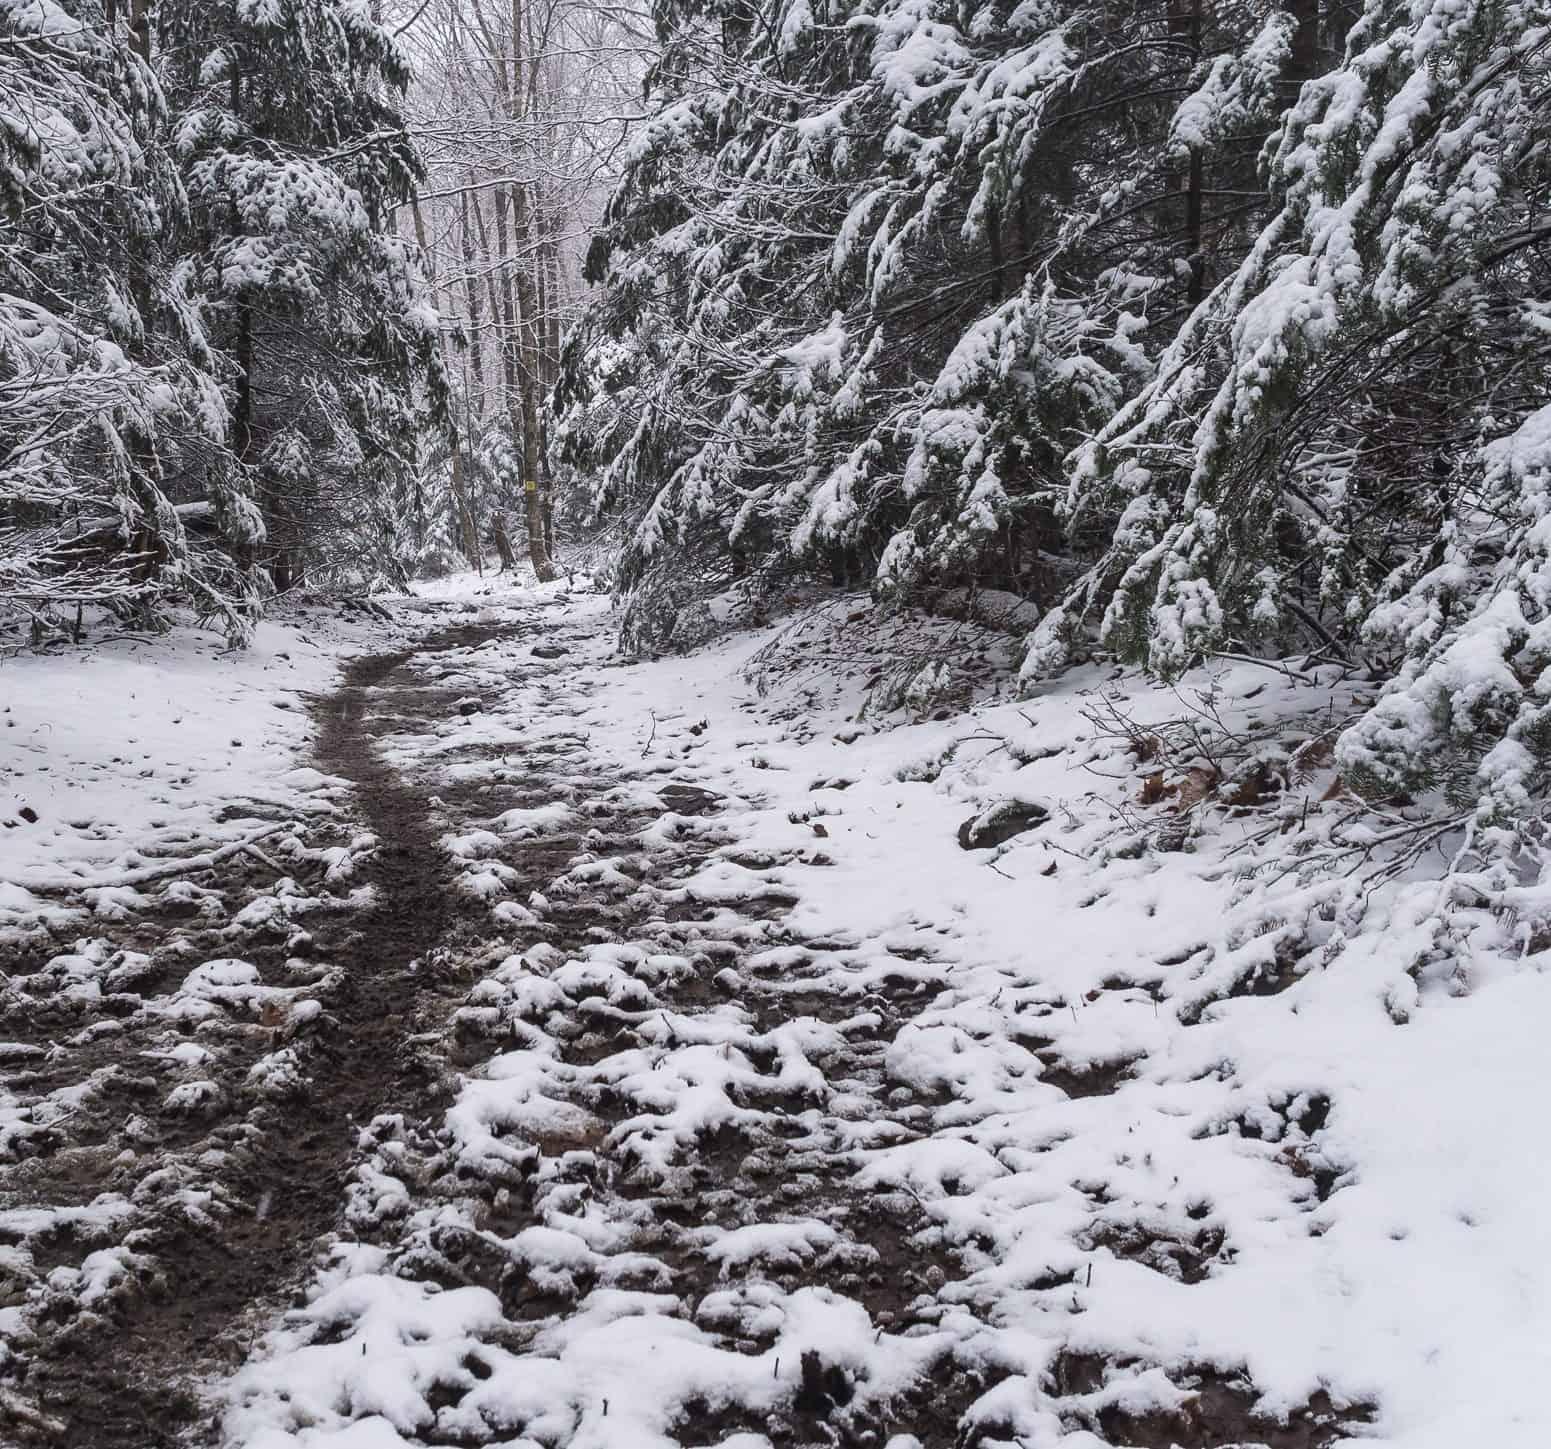 Une trace dans la neige laissé par un fatbike lors d'une randonnée en forêt